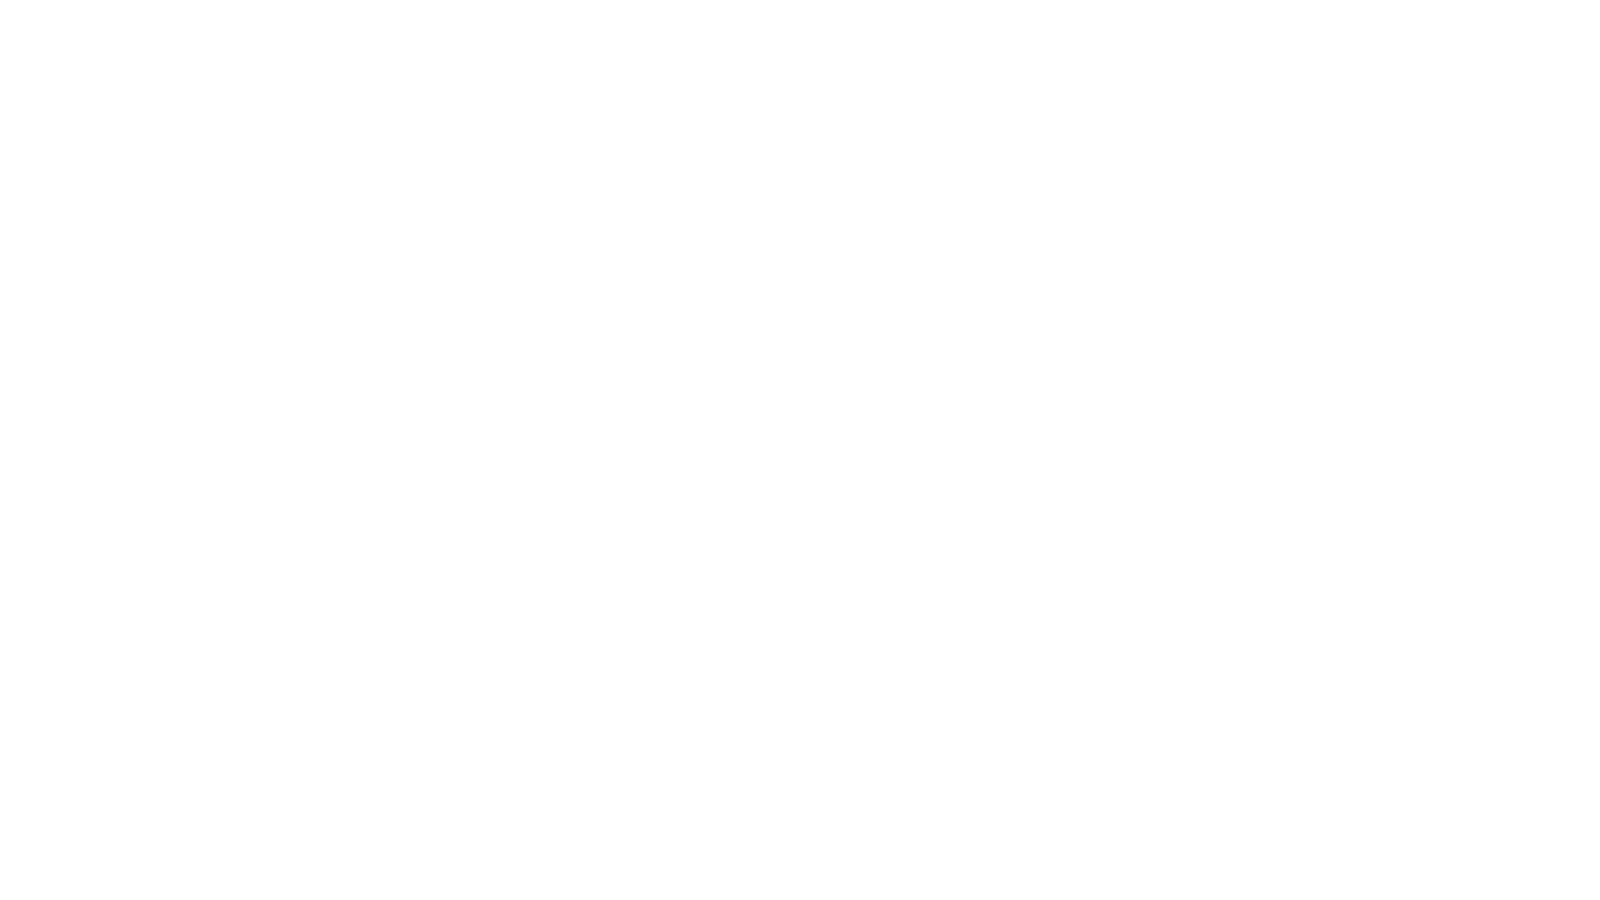 🙆♀️ KURS Odmładzająca joga twarzy:https://bit.ly/jogabuzi 🧖♀ KURS Sekrety naturalnej pielęgnacji skóry:https://bit.ly/sekretypielegnacji 🥗 MOJE DIETY ▪ https://bit.ly/dobradieta 🧍♀ PORADNIK 5 kroków do wymarzonej sylwetki: https://bit.ly/sylwetkamarzenie  ❤️ YOUTUBE ▪ Subskrybuj mój kanał: http://bit.ly/subskrybujRytmy  🤝 BĄDŹ ZE MNĄ NA BIEŻĄCO W SOCIAL MEDIACH ▪ FACEBOOK: https://www.facebook.com/rytmynatury  ▪ INSTAGRAM: https://www.instagram.com/dietetyk_rytmynatury/ ▪ BLOG: https://rytmynatury.pl/  ▪ SKLEP: https://sklep.rytmynatury.pl/  ▪ TIKTOK: https://www.tiktok.com/@dietetyk_rytmynatury  🎁 PREZENTY: https://rytmynatury.pl/do-pobrania/  🎁 DAROWIZNY NA ROZWÓJ KANAŁU MILE WIDZIANE:  ▪ Bank (koniecznie wpisz DAROWIZNA RYTMY NATURY w tytule przelewu): PL 02 1140 2004 0000 3502 6080 2915  BIC/SWIFT: BREXPLPWMBK ▪ Paypal  (koniecznie wpisz DAROWIZNA RYTMY NATURY w tytule przelewu): https://paypal.me/rytmynatury  📧 KONTAKT BIZNESOWY: rytmynatury@rytmynatury.pl  🎥 POWIĄZANE FILMY  ▪ Zdrowe odżywianie i moje przepisy kulinarne: http://bit.ly/playlistaprzepisy  🎬 INNE SERIE FILMÓW  ▪ Ozdobne rośliny ogrodowe: http://bit.ly/playlistaogrod ▪ Rośliny balkonowe i tarasowe: http://bit.ly/playlistabalkonowe ▪ Dieta i odchudzanie: http://bit.ly/playlistaodchudzanie ▪ Zioła i rośliny lecznicze: http://bit.ly/playlistaziola ▪ Zdrowie: http://bit.ly/playlistazdrowie ▪ Naturalna pielęgnacja urody: http://bit.ly/playlistauroda ▪ Zdrowe odżywianie i moje przepisy kulinarne: http://bit.ly/playlistaprzepisy ▪ Storczyki: http://bit.ly/playlistastorczyki ▪ Domowe rośliny doniczkowe: http://bit.ly/plylistaroslinydomowe ▪ Rośliny jadalne: http://bit.ly/playlistaroslinyjadalne ▪ Pytania i odpowiedzi /Q + A/: http://bit.ly/playlistaQA ▪ Podróże: http://bit.ly/playlistapodroze ▪ Webinary, livy, transmisje na żywo: http://bit.ly/playlistawebinary ▪ Zwierzęta: http://bit.ly/paylistazwierzeta  🎬 MOJE PLAYLISTY - http://bit.ly/playlistymoje  SPIS TREŚCI: 00:00 | Wprowadzenie 00:23 | Co będzie 